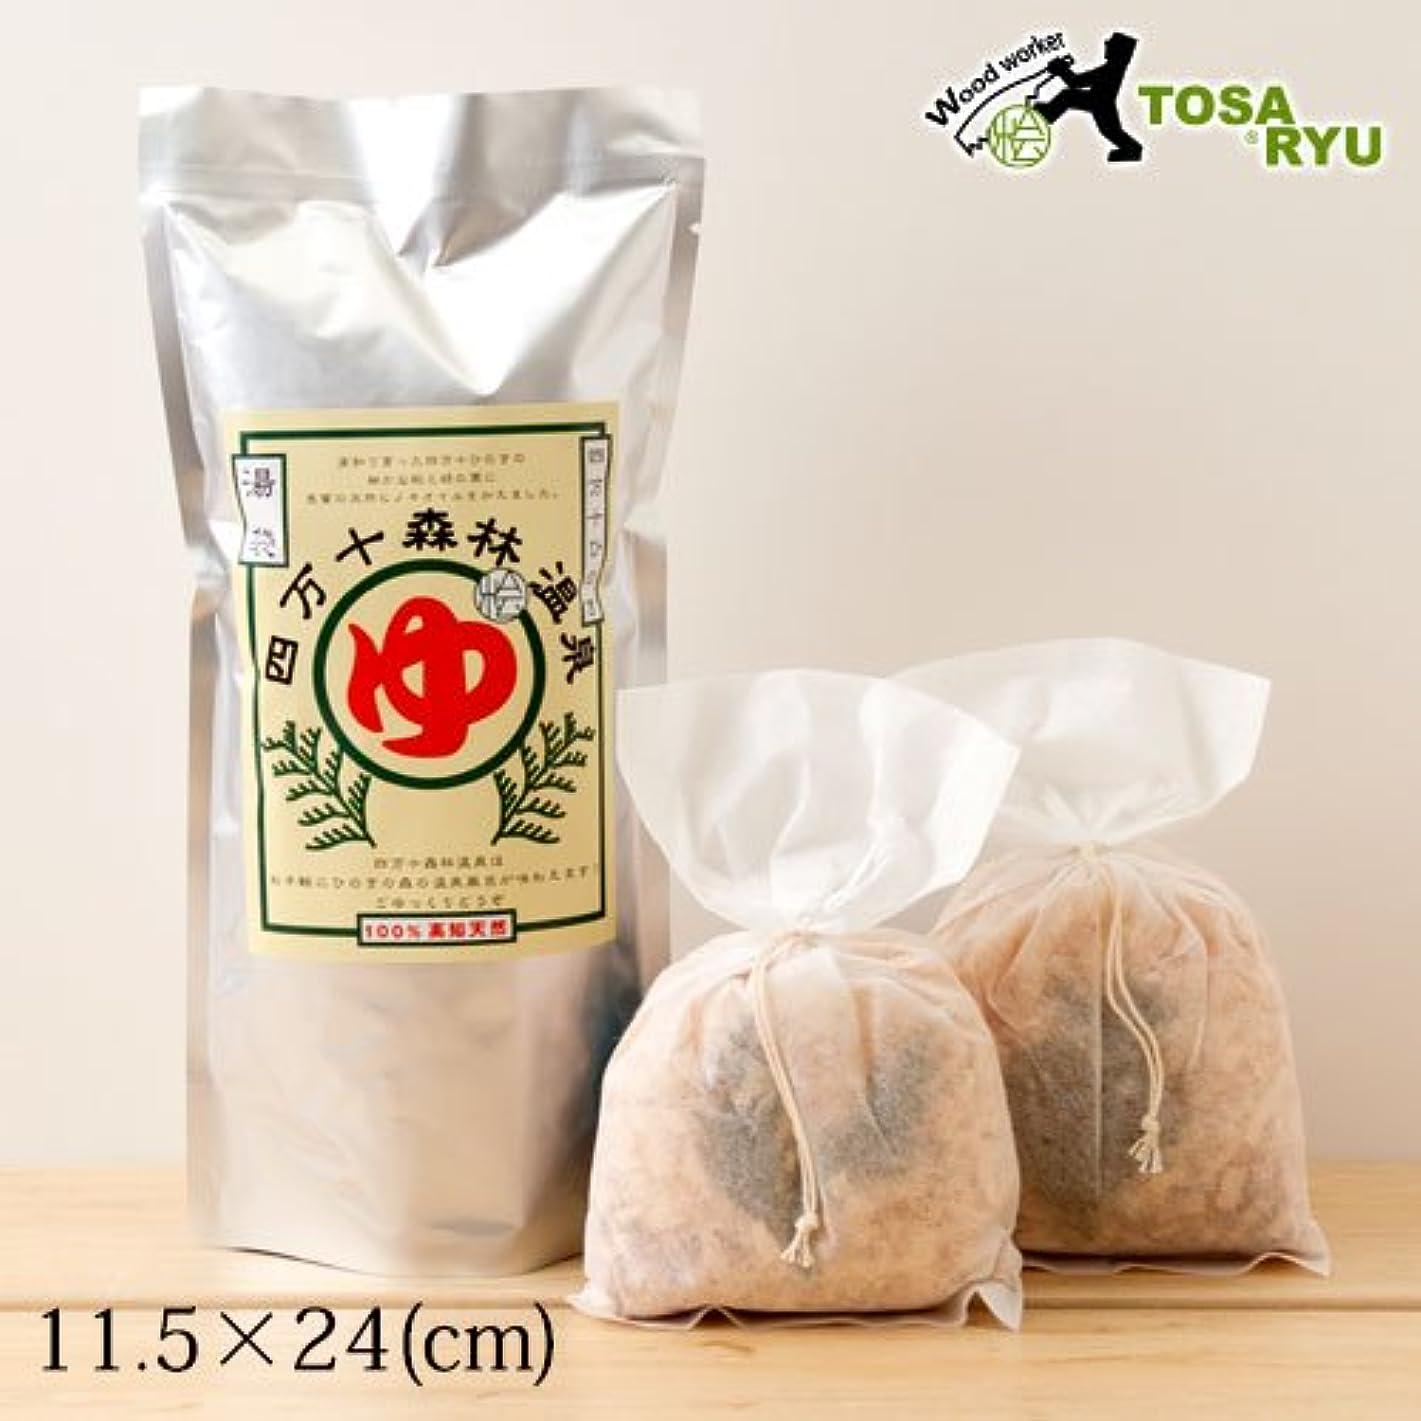 土佐龍四万十森林温泉四万十ひのきの入浴剤2袋入り高知県の工芸品Bath additive of cypress, Kochi craft